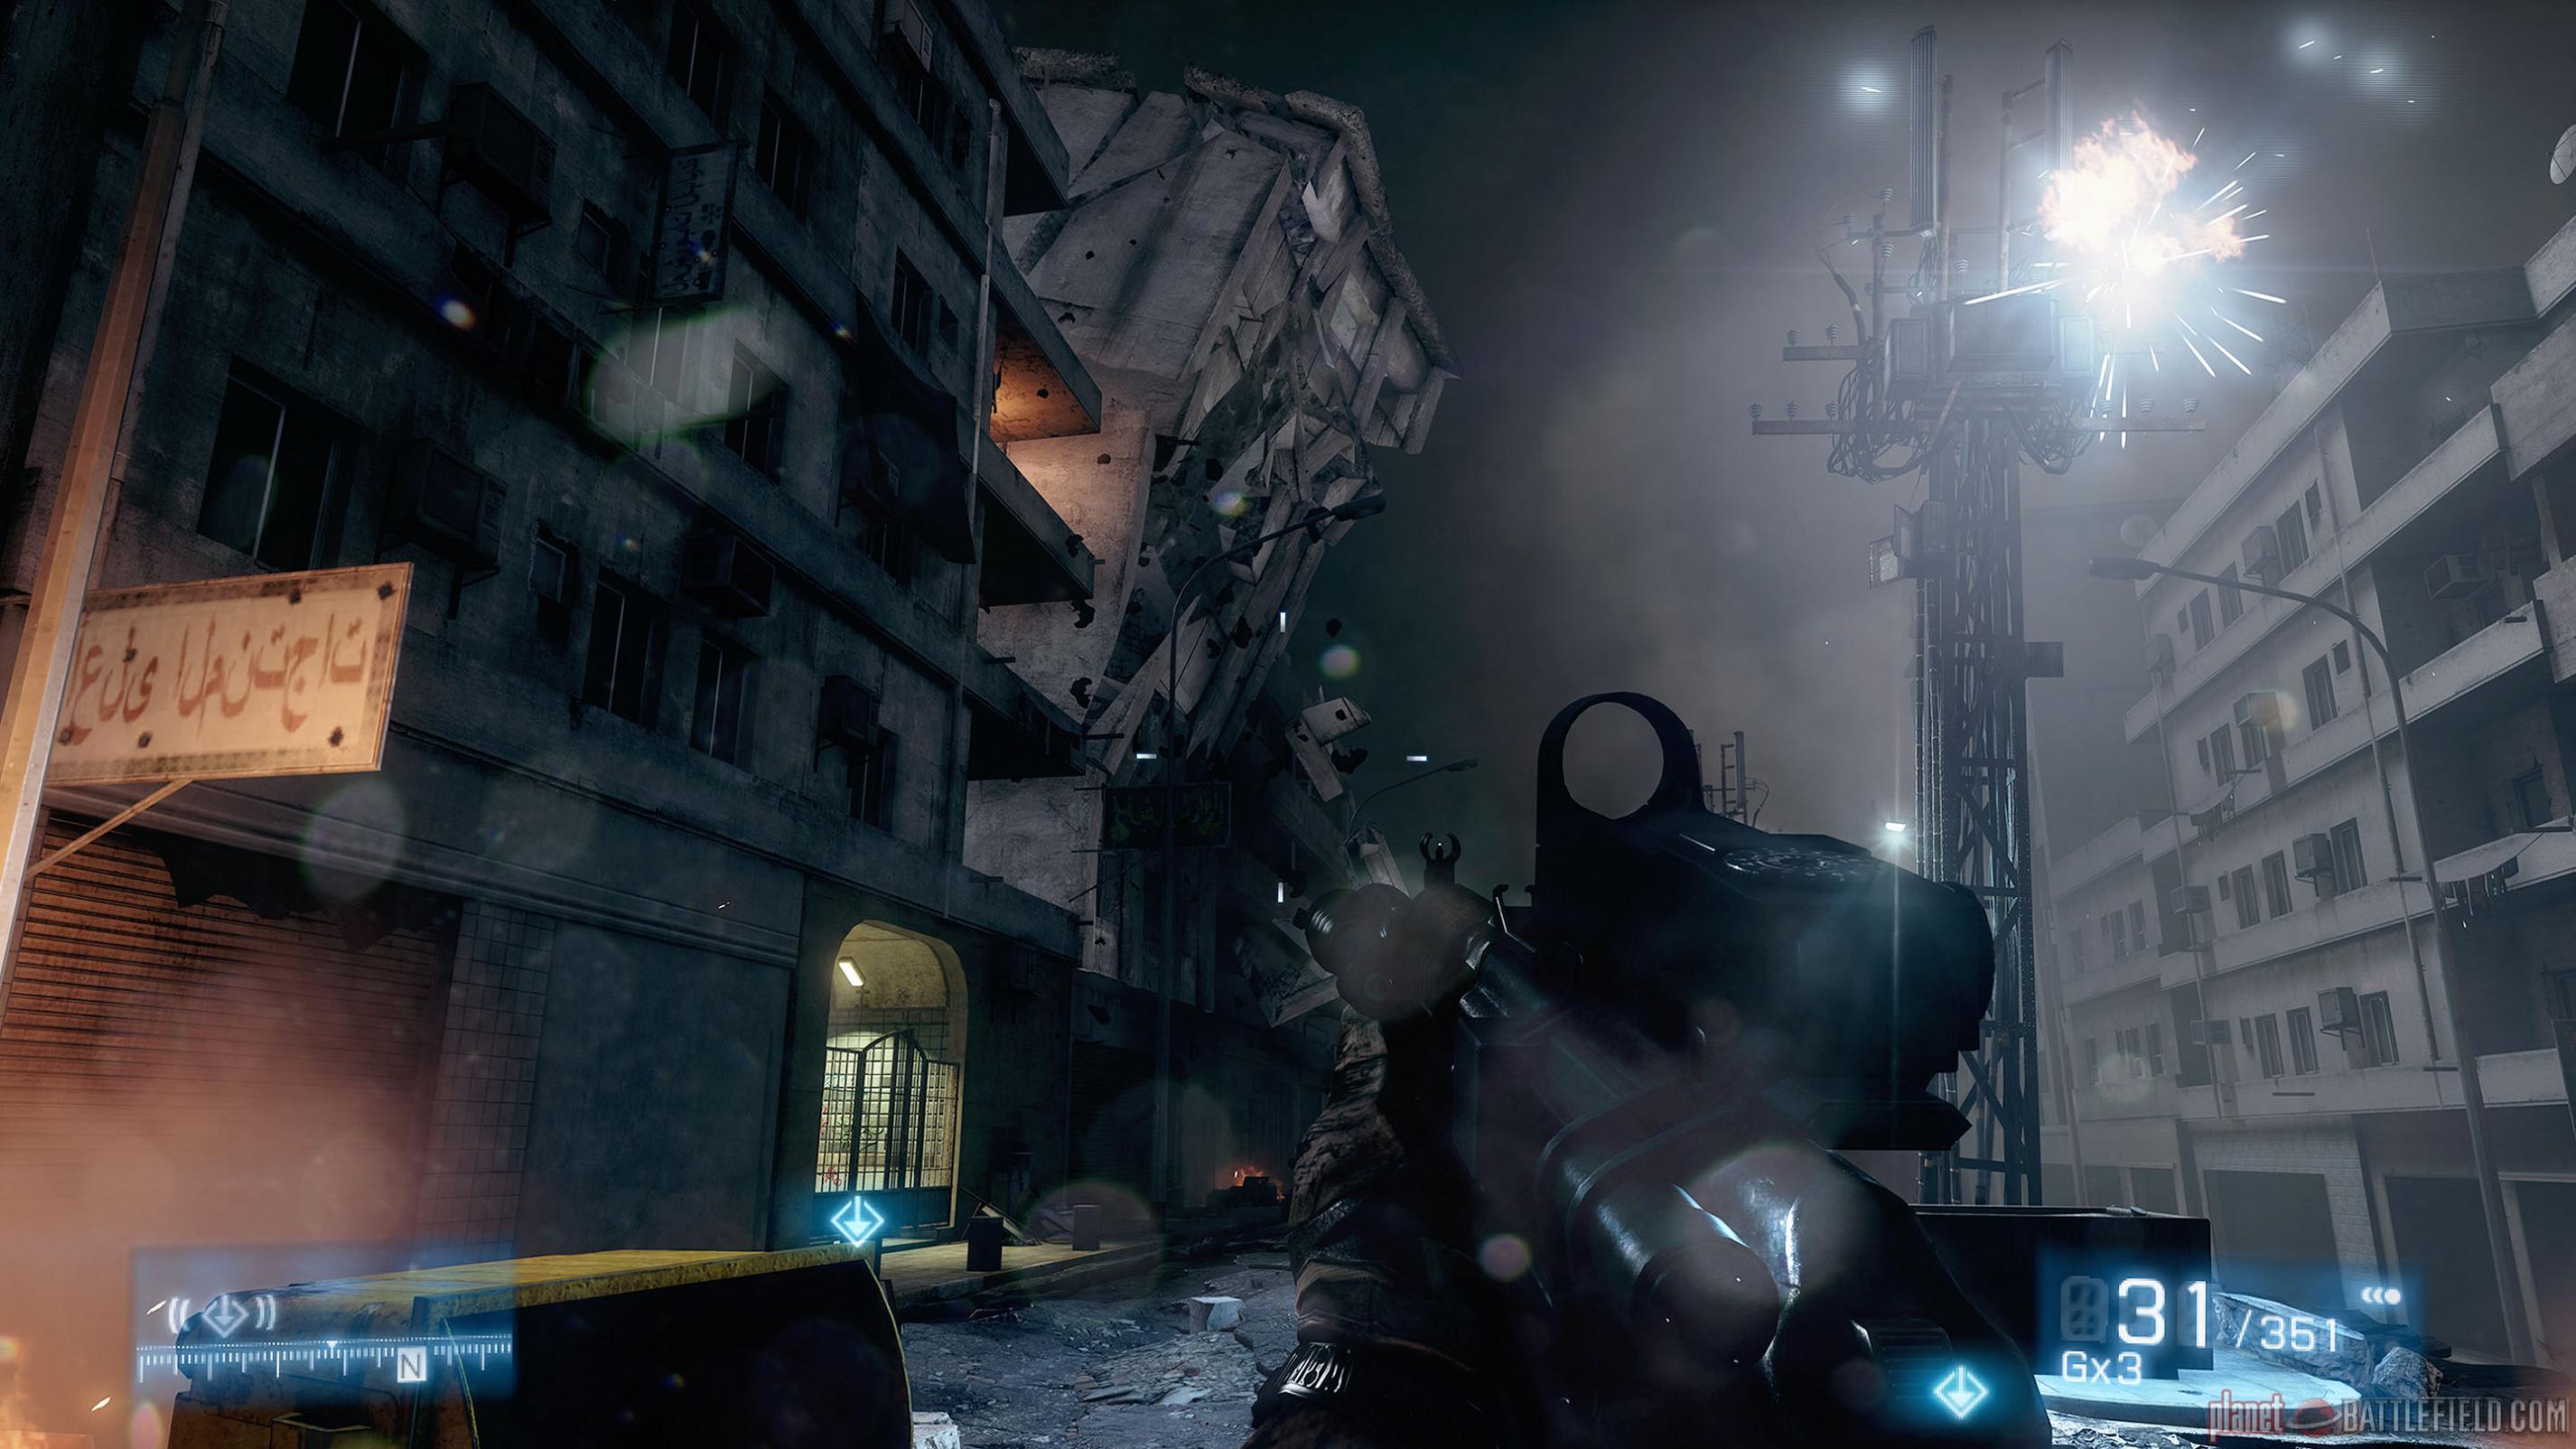 Battlefield_3_October_6_v1.jpg